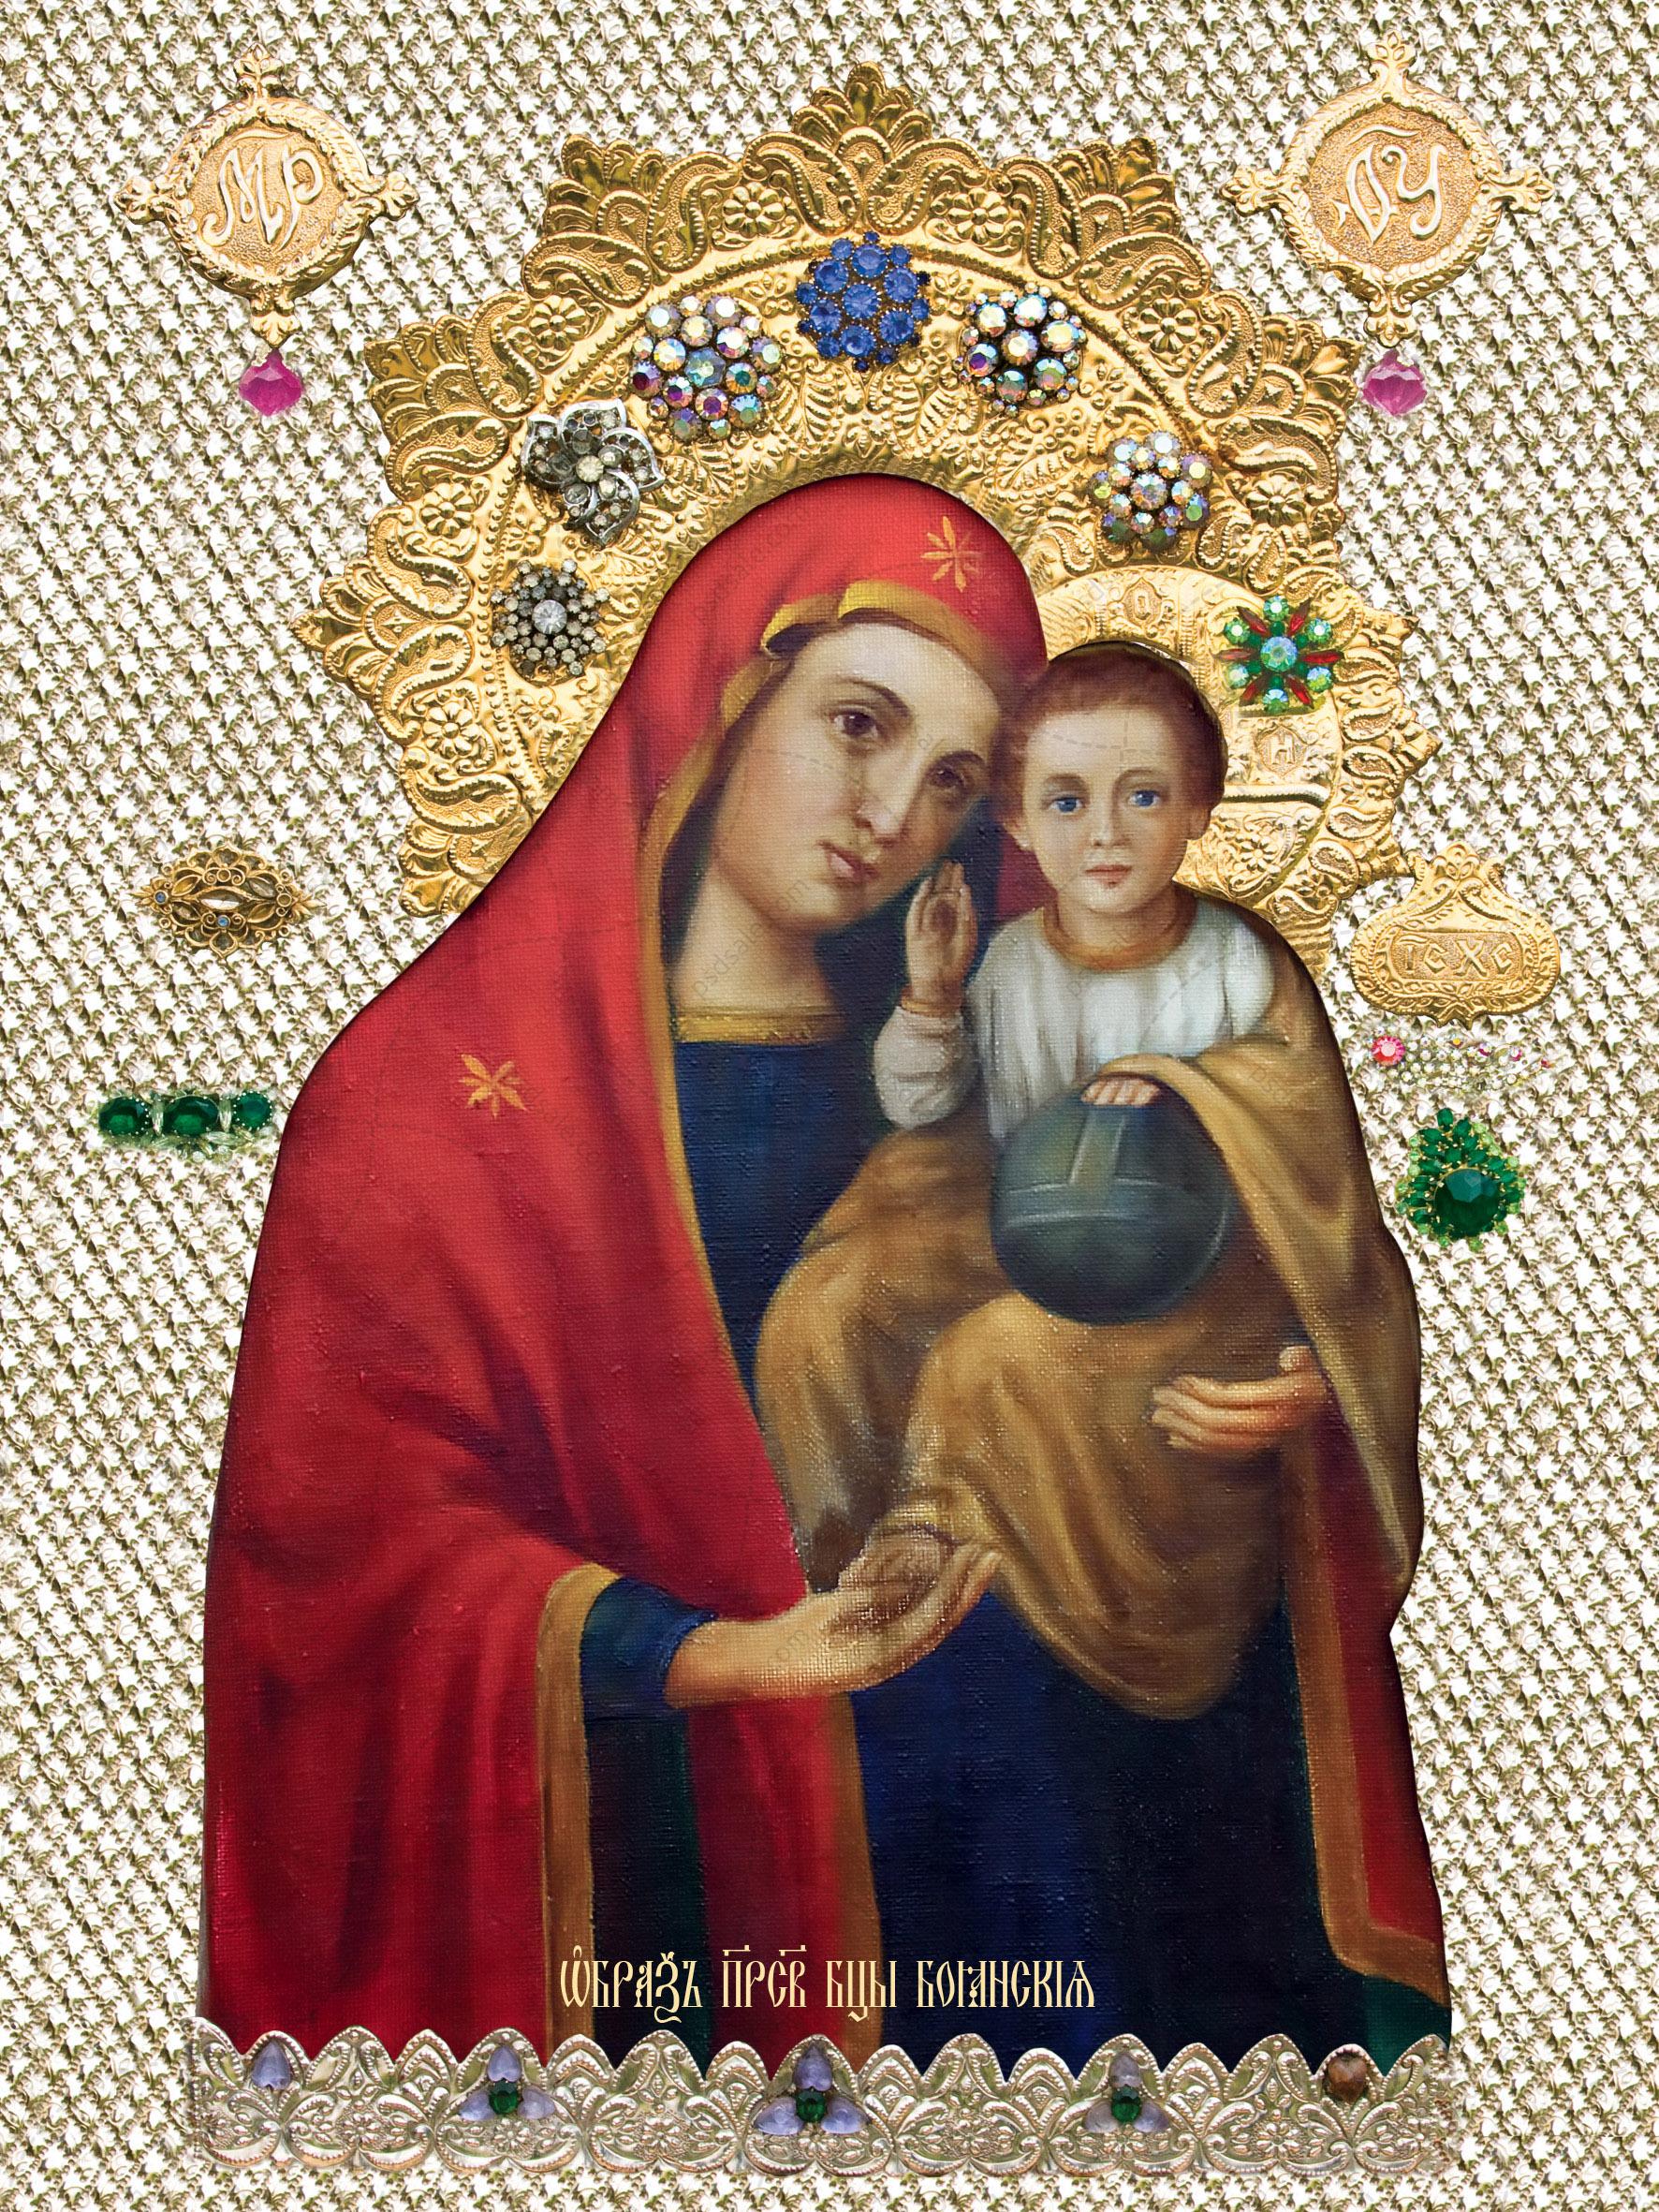 Боянская икона божьей матери